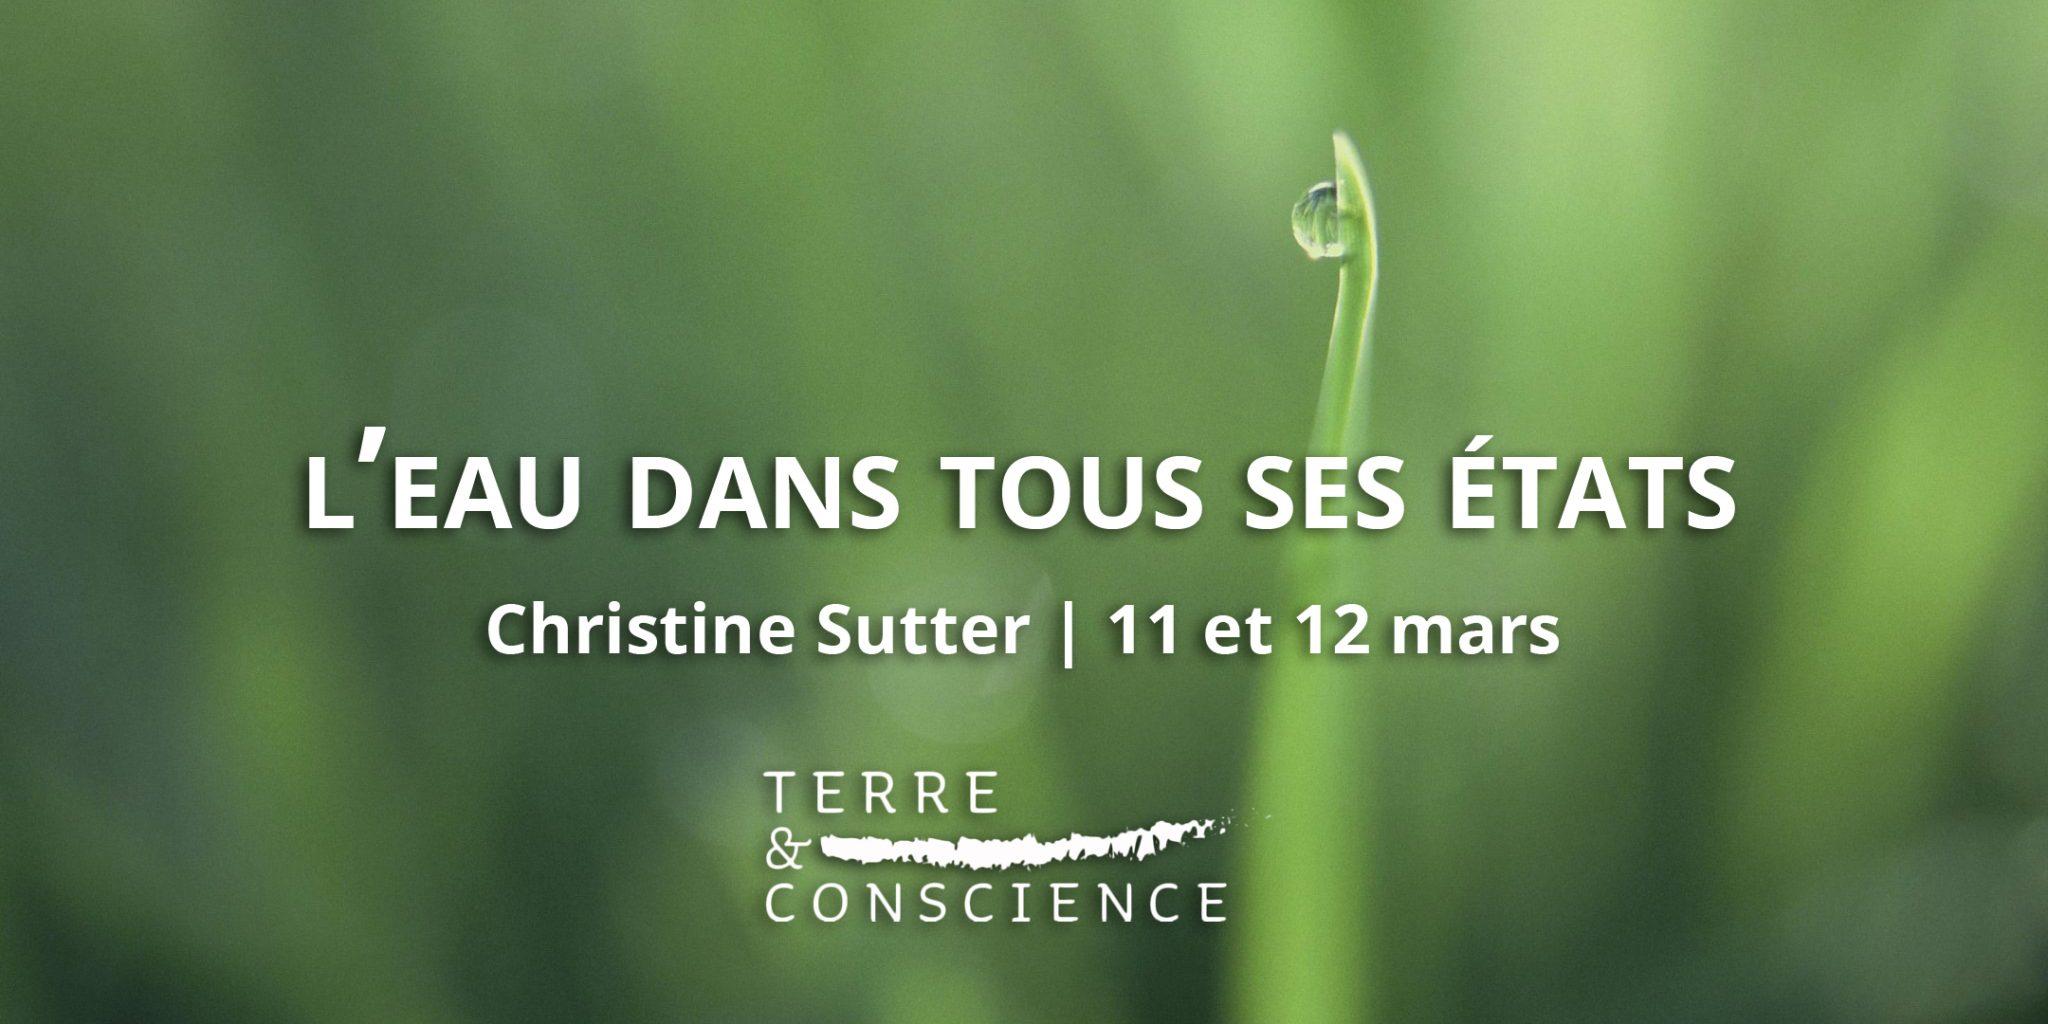 Christine Sutter : l'eau dans tous ses états